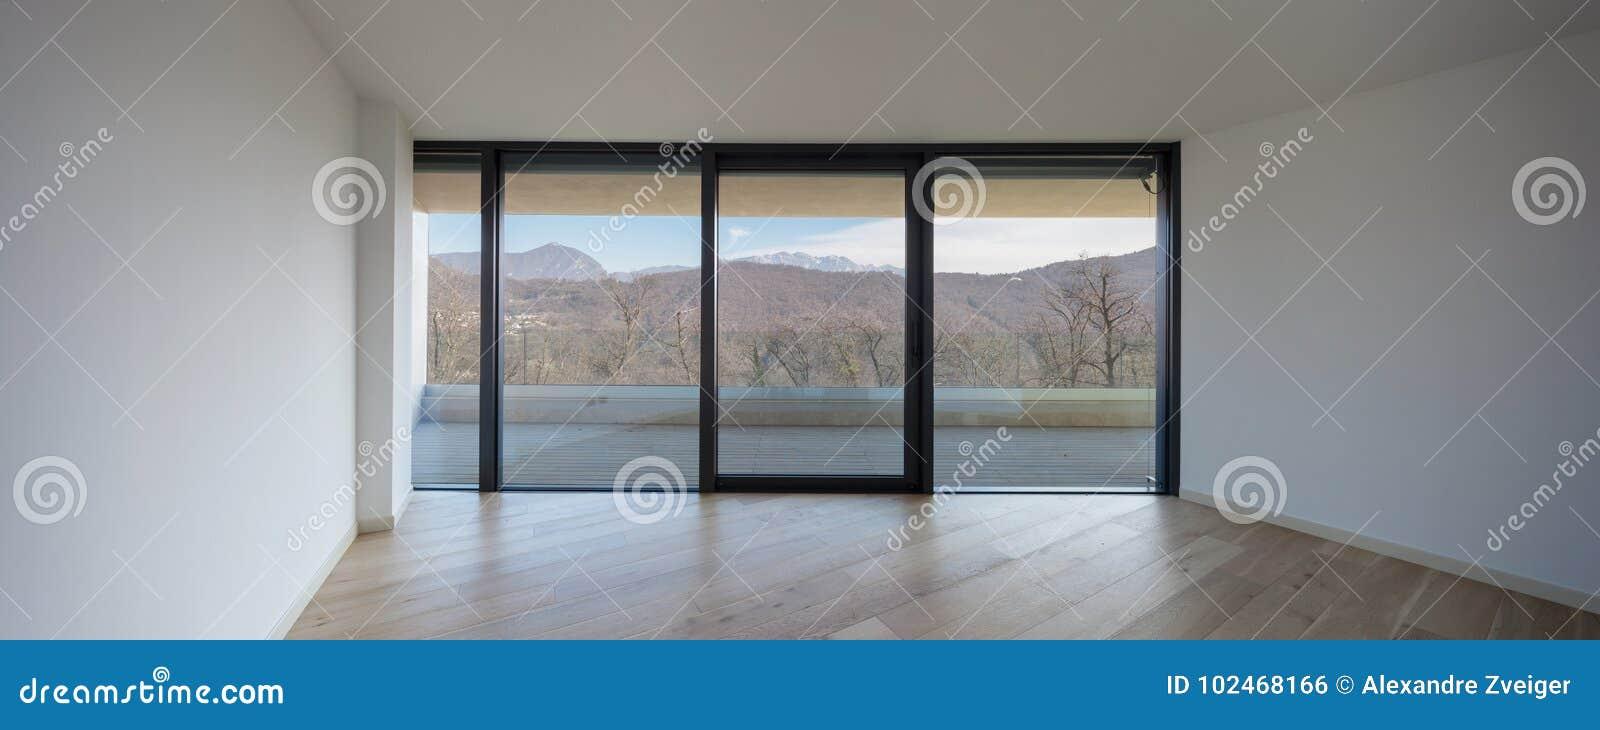 Esta é uma sala vazia